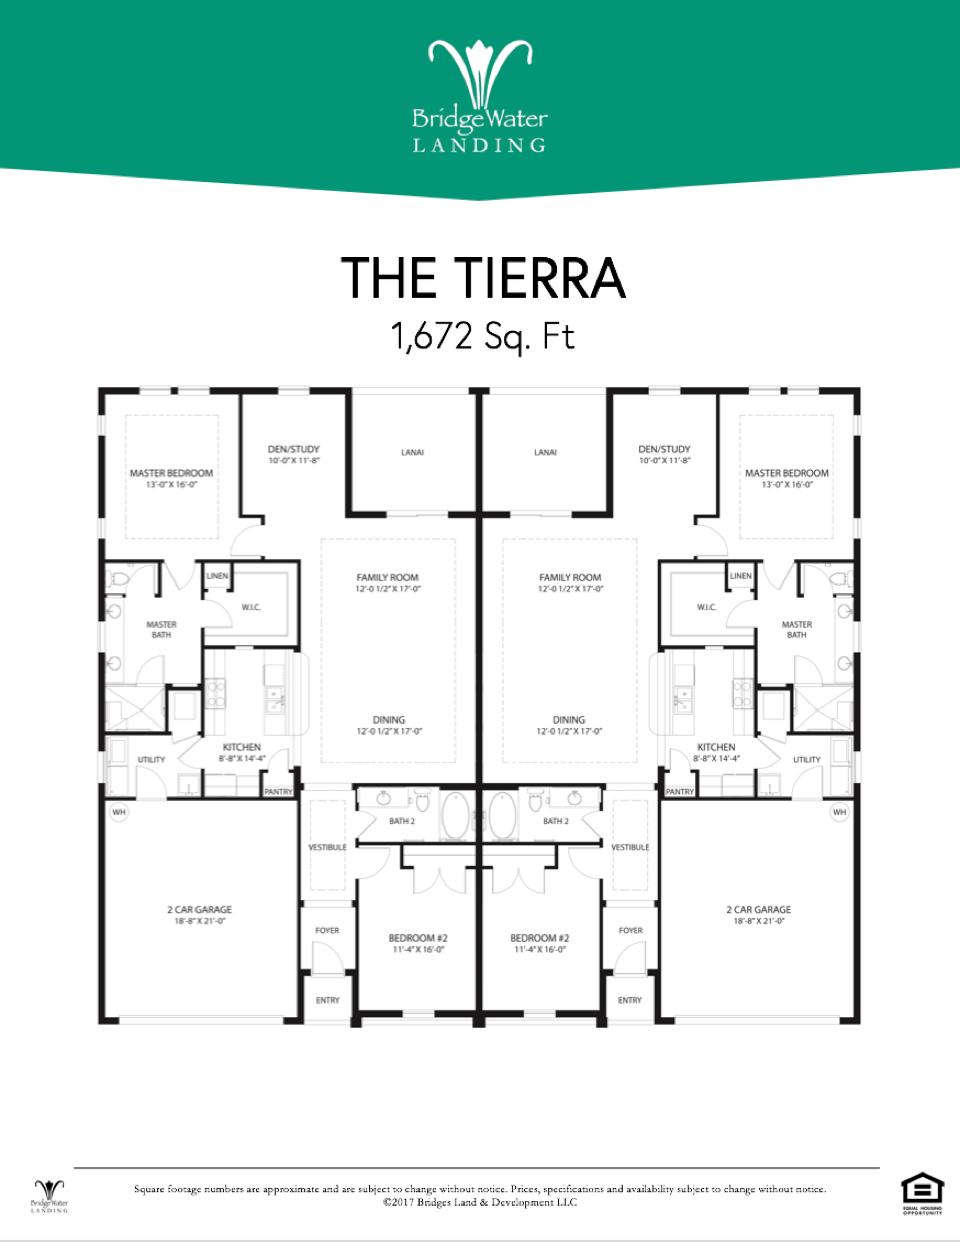 The Tierra